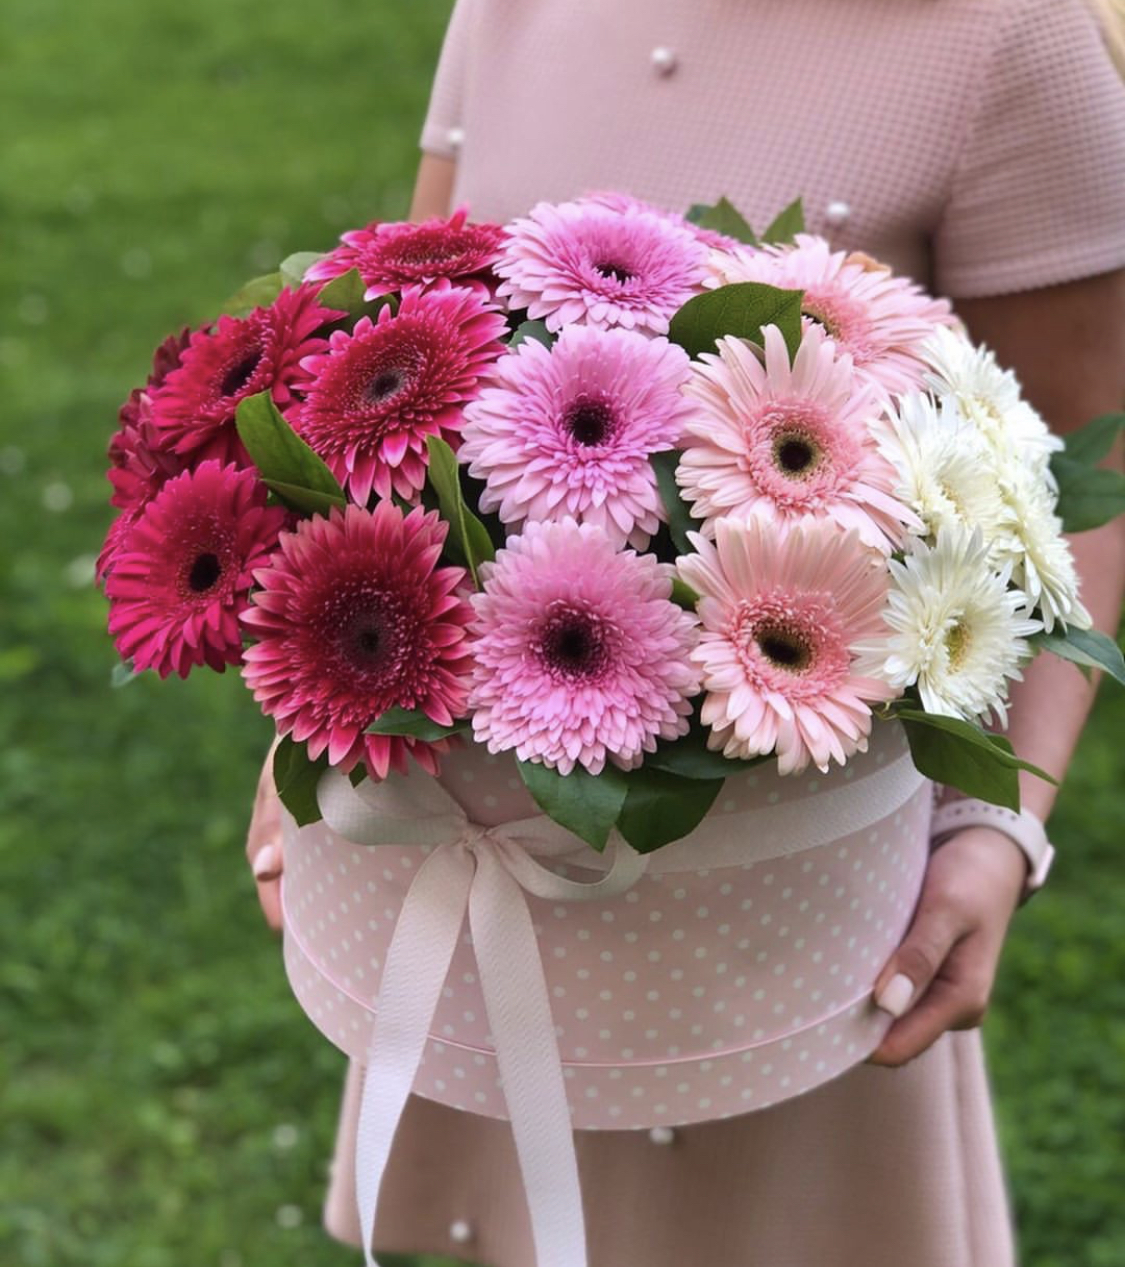 Фото с цветами герберами